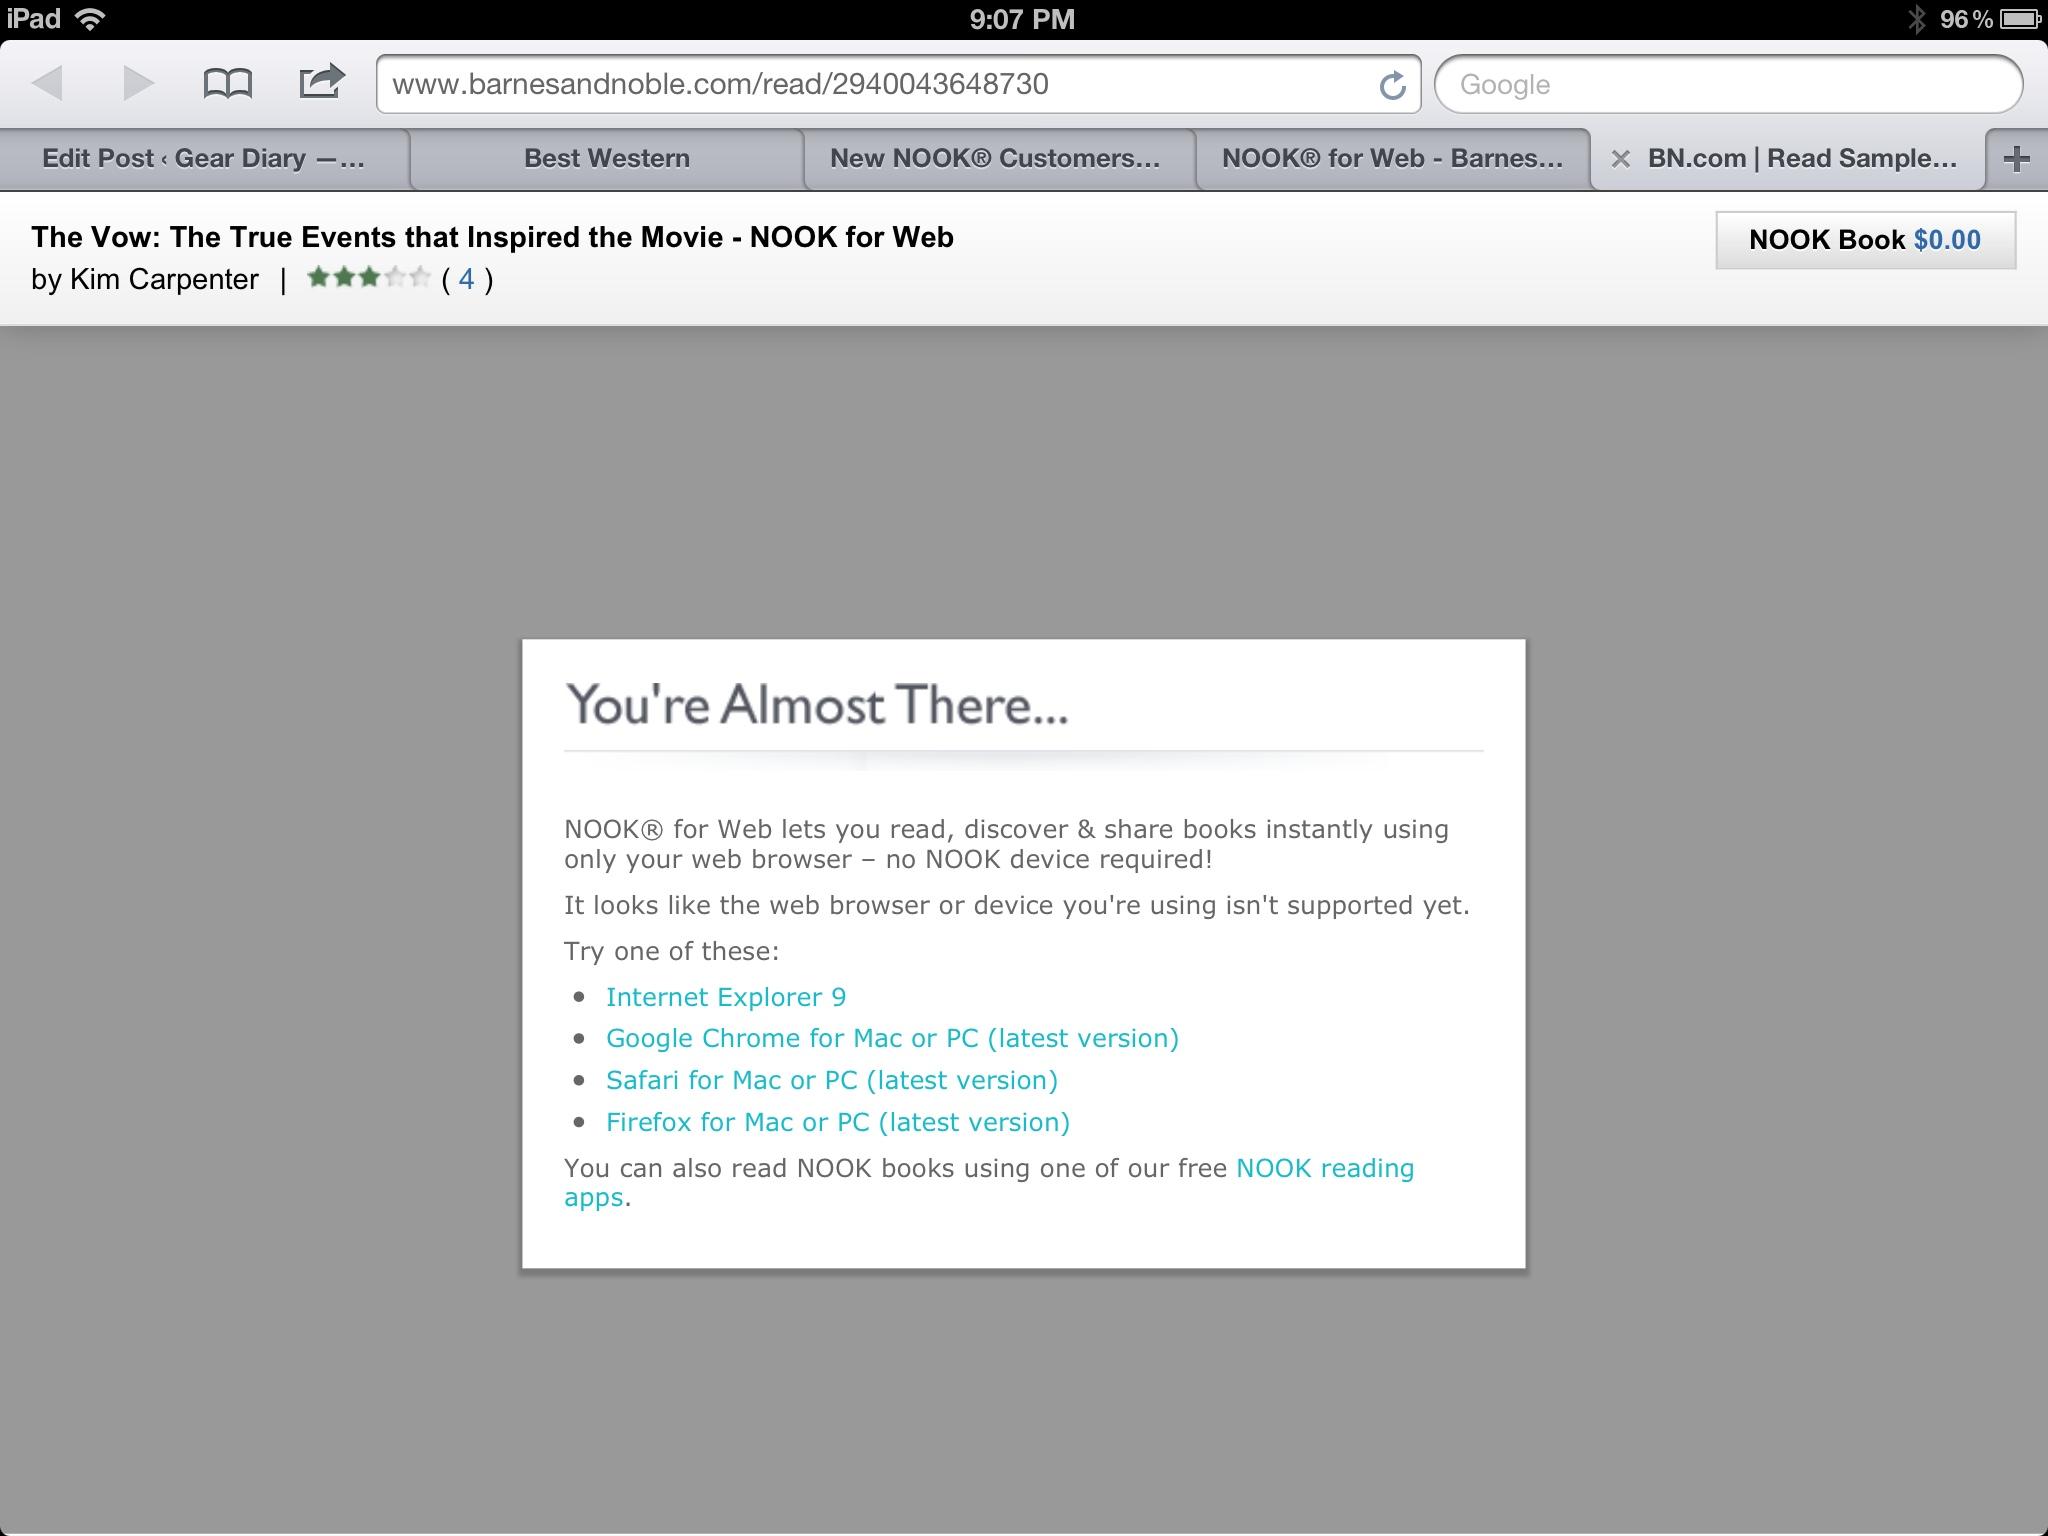 NOOK Goes Web Based